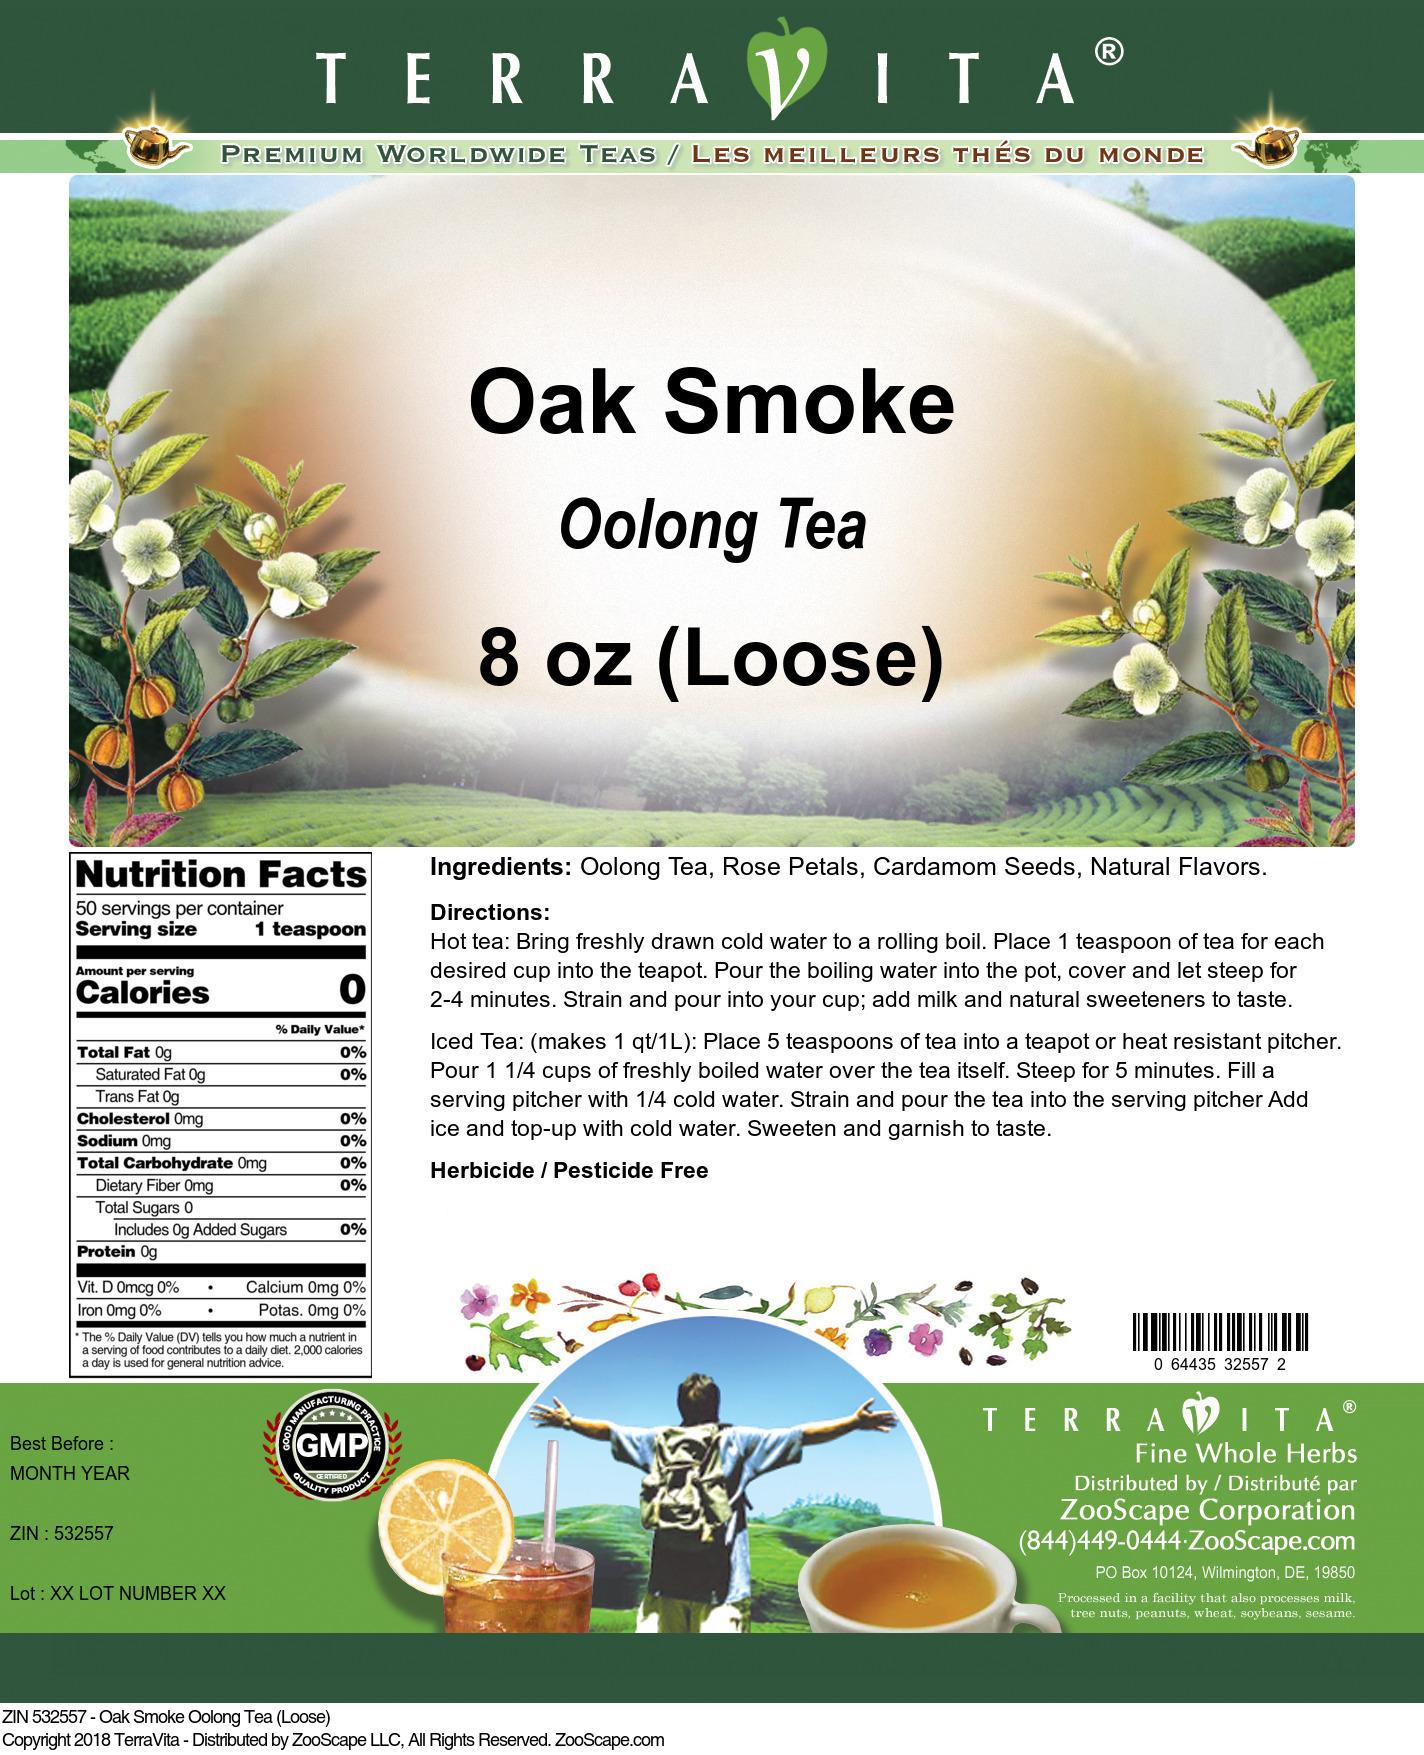 Oak Smoke Oolong Tea (Loose)